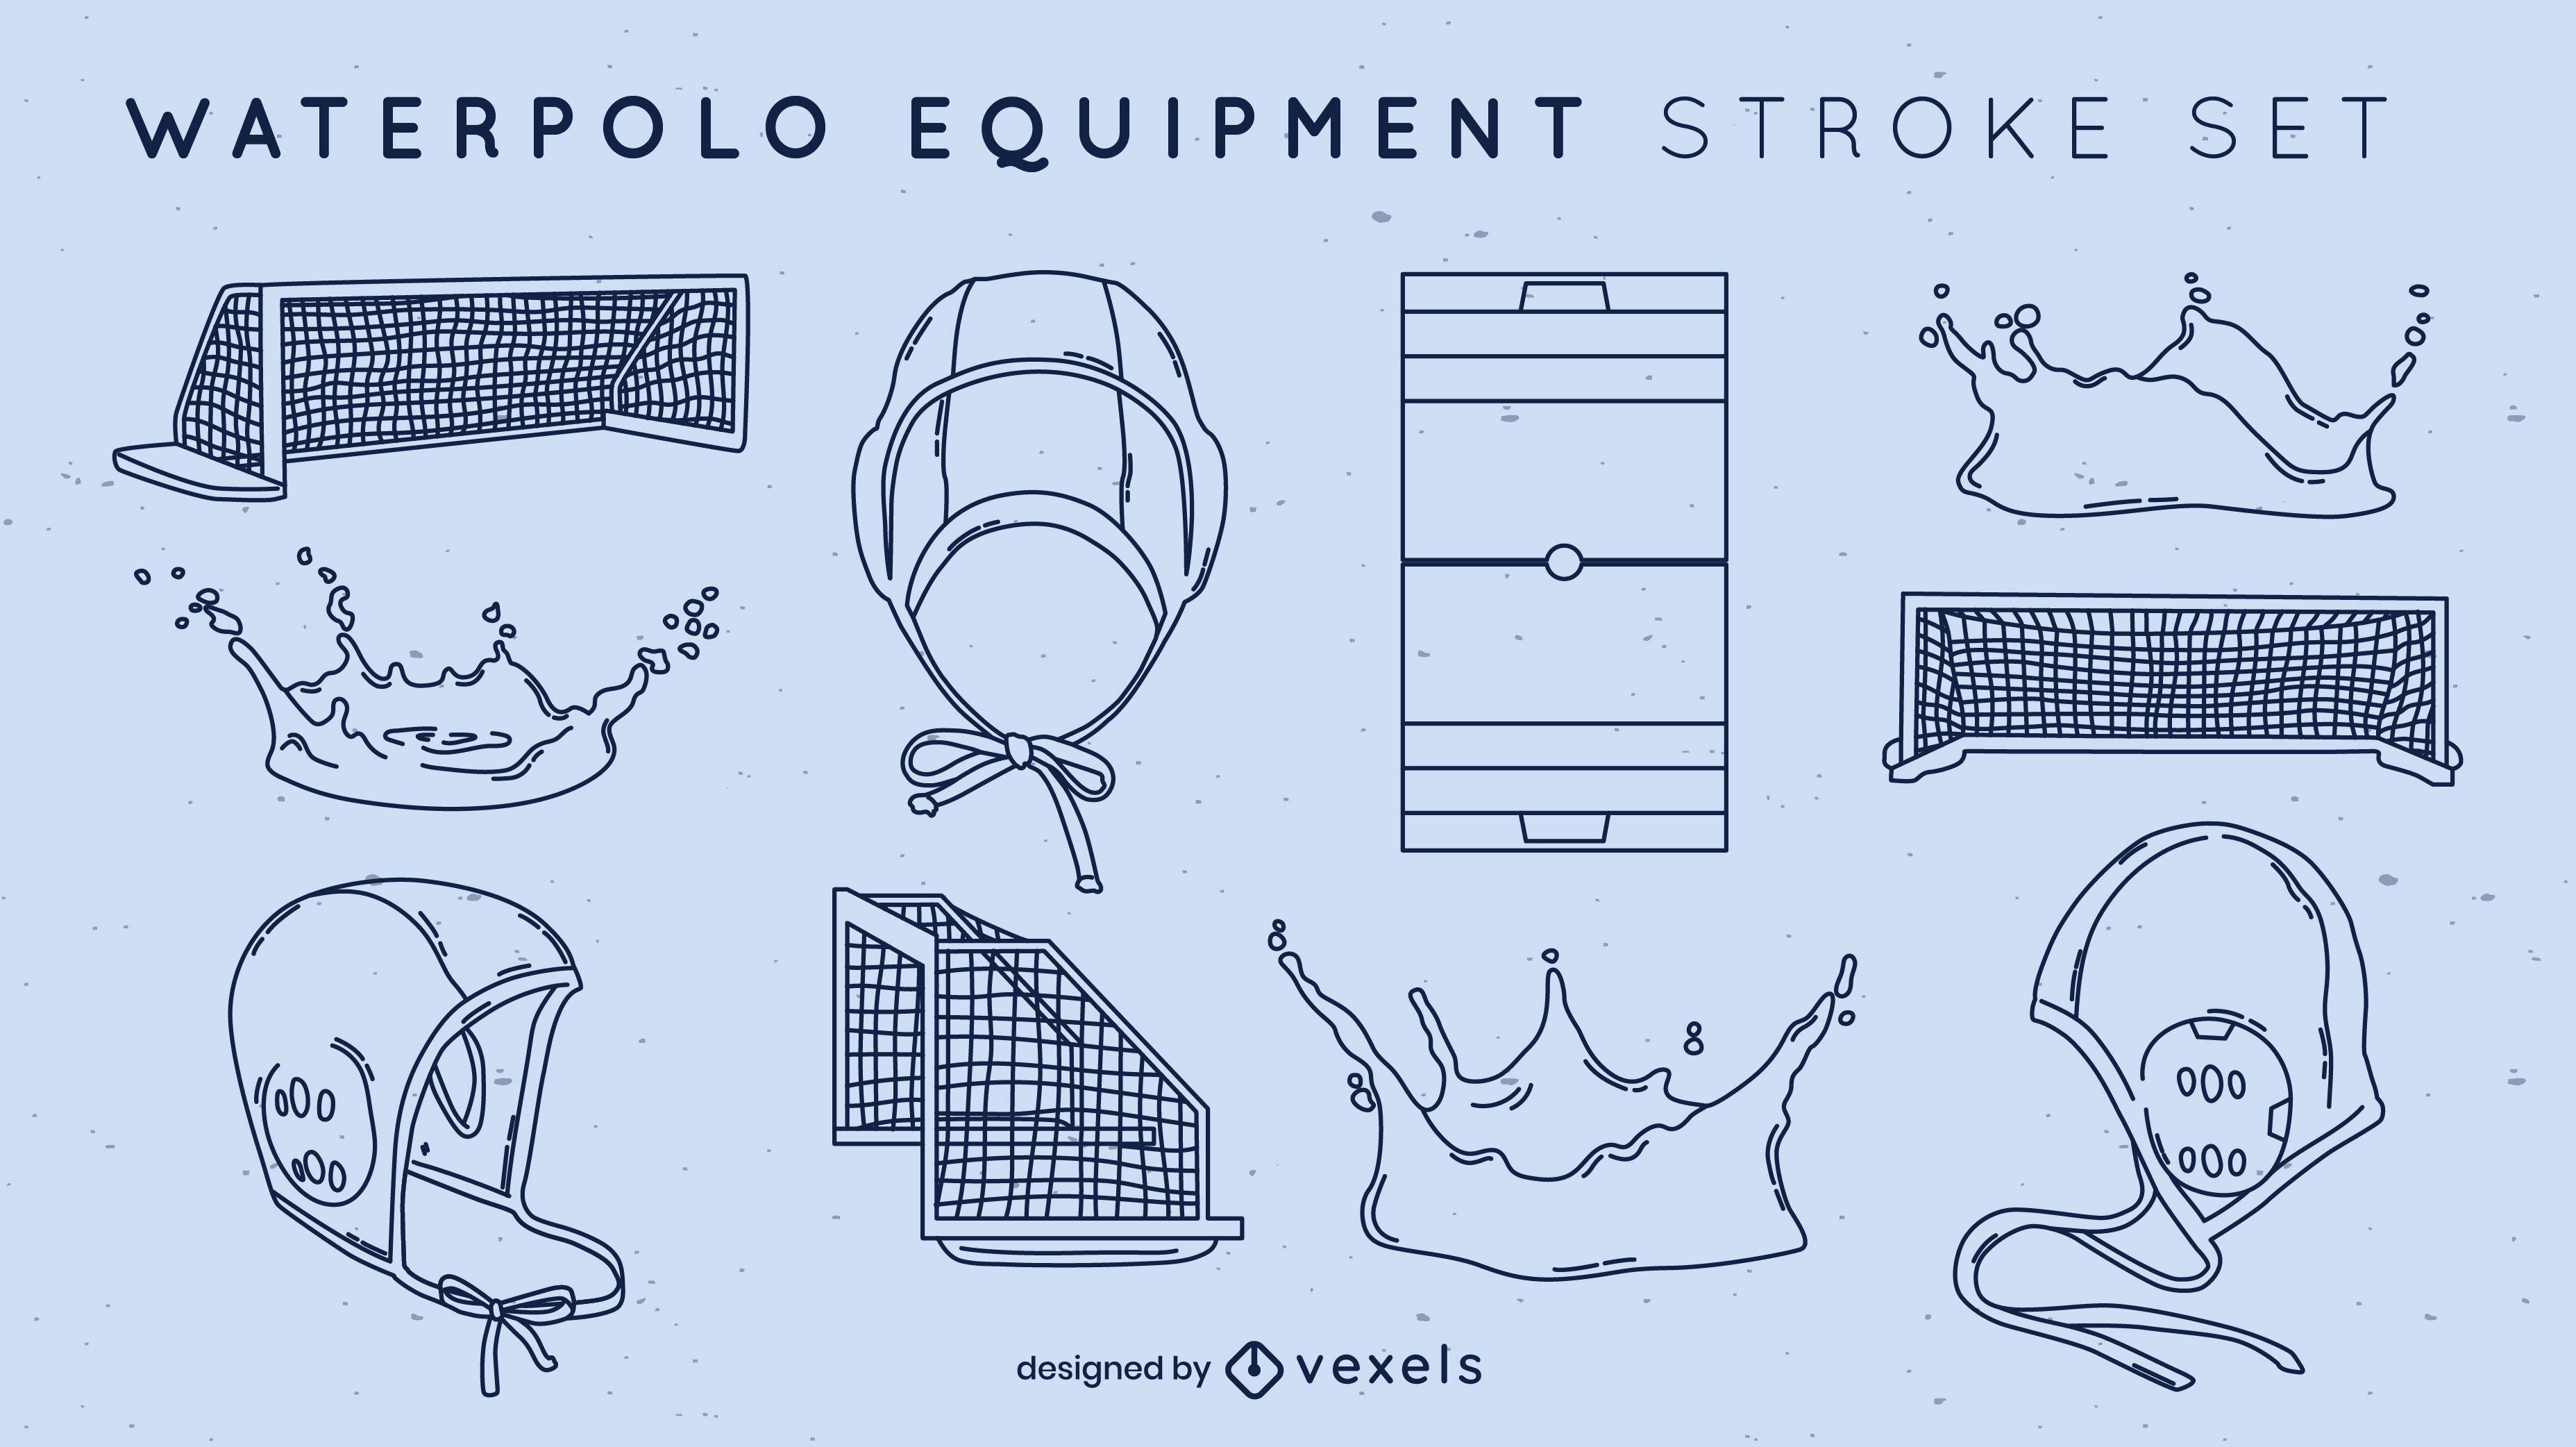 Waterpolo elements stroke